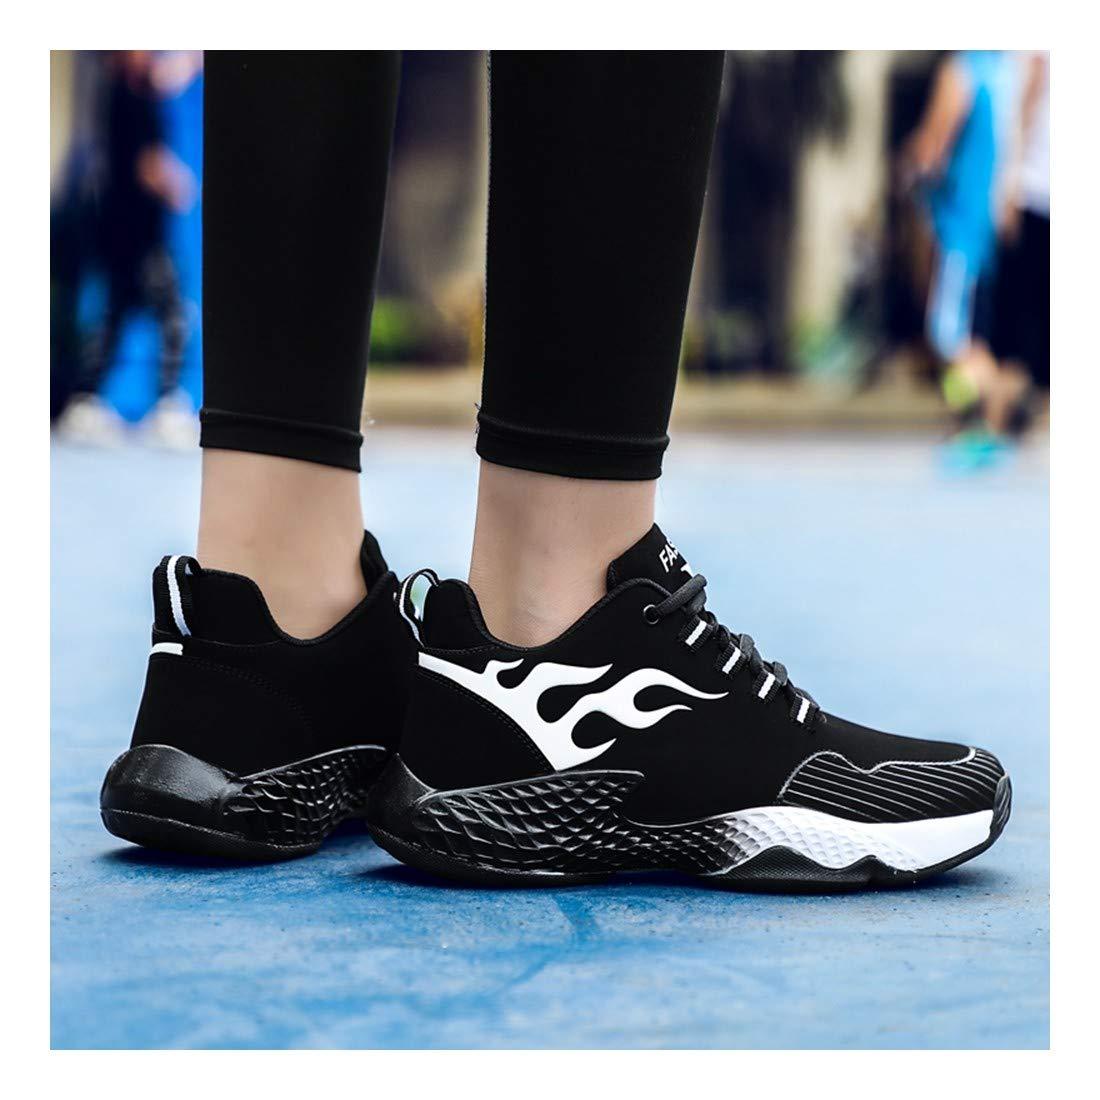 YAYADI Scarpe Uomo scarpe da ginnastica Casual scarpe da ginnastica Jogging Fitness Leggero Scarpe Traspiranti di Equitazione Yoga Viaggio Prodotti All'Aperto,8.5 As shown | The Queen Of Quality  | Uomo/Donna Scarpa